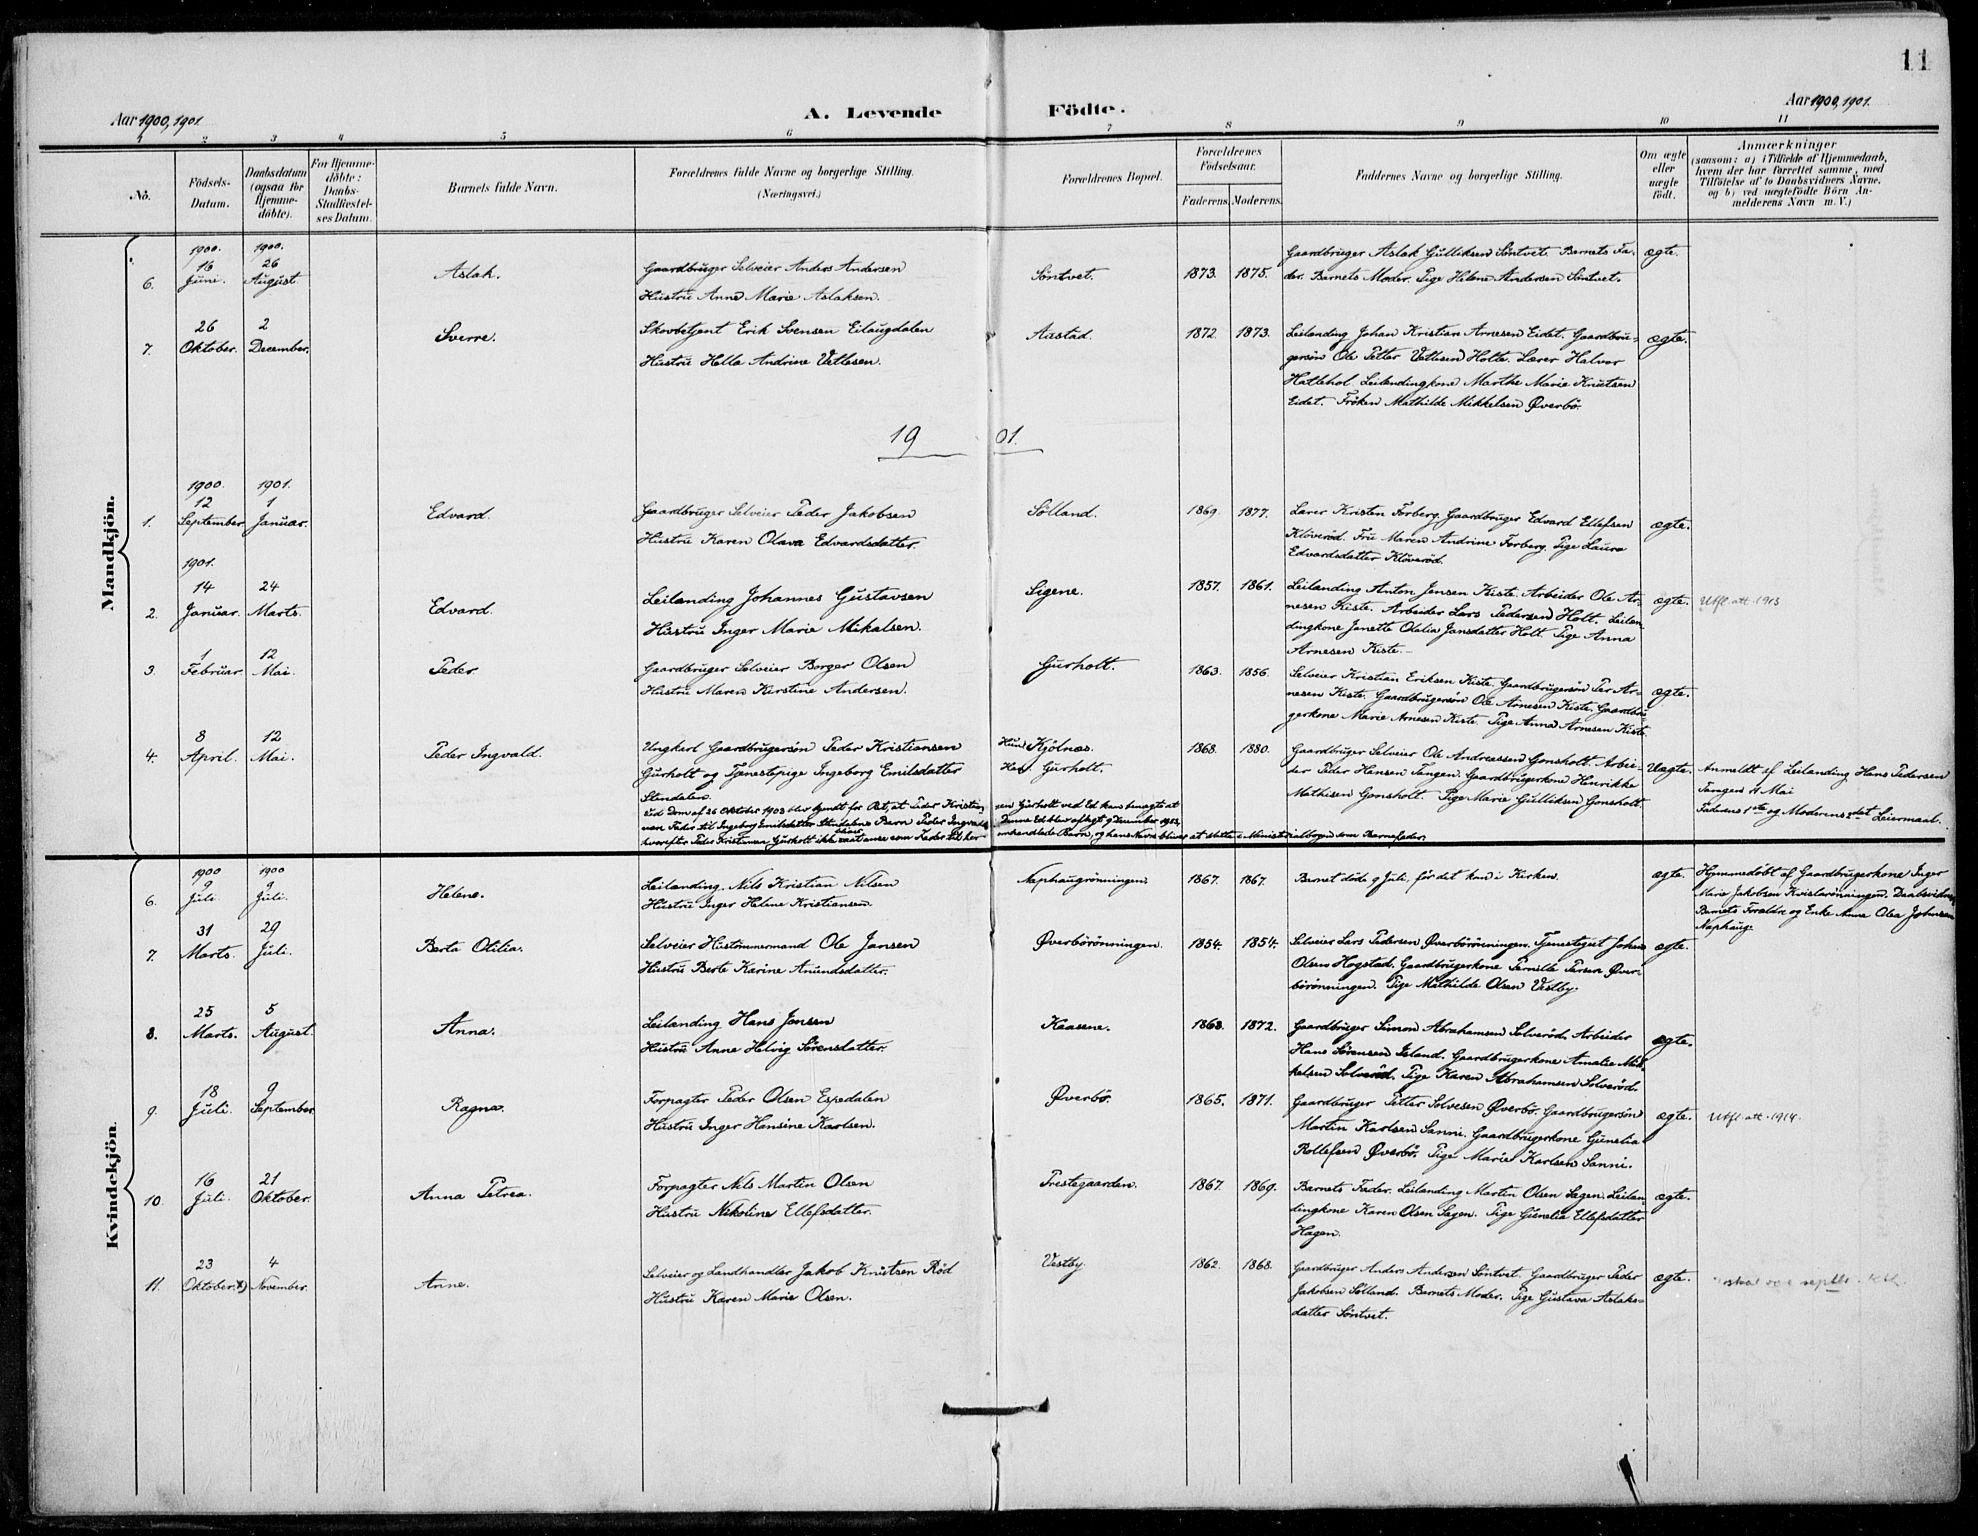 SAKO, Siljan kirkebøker, F/Fa/L0003: Ministerialbok nr. 3, 1896-1910, s. 11